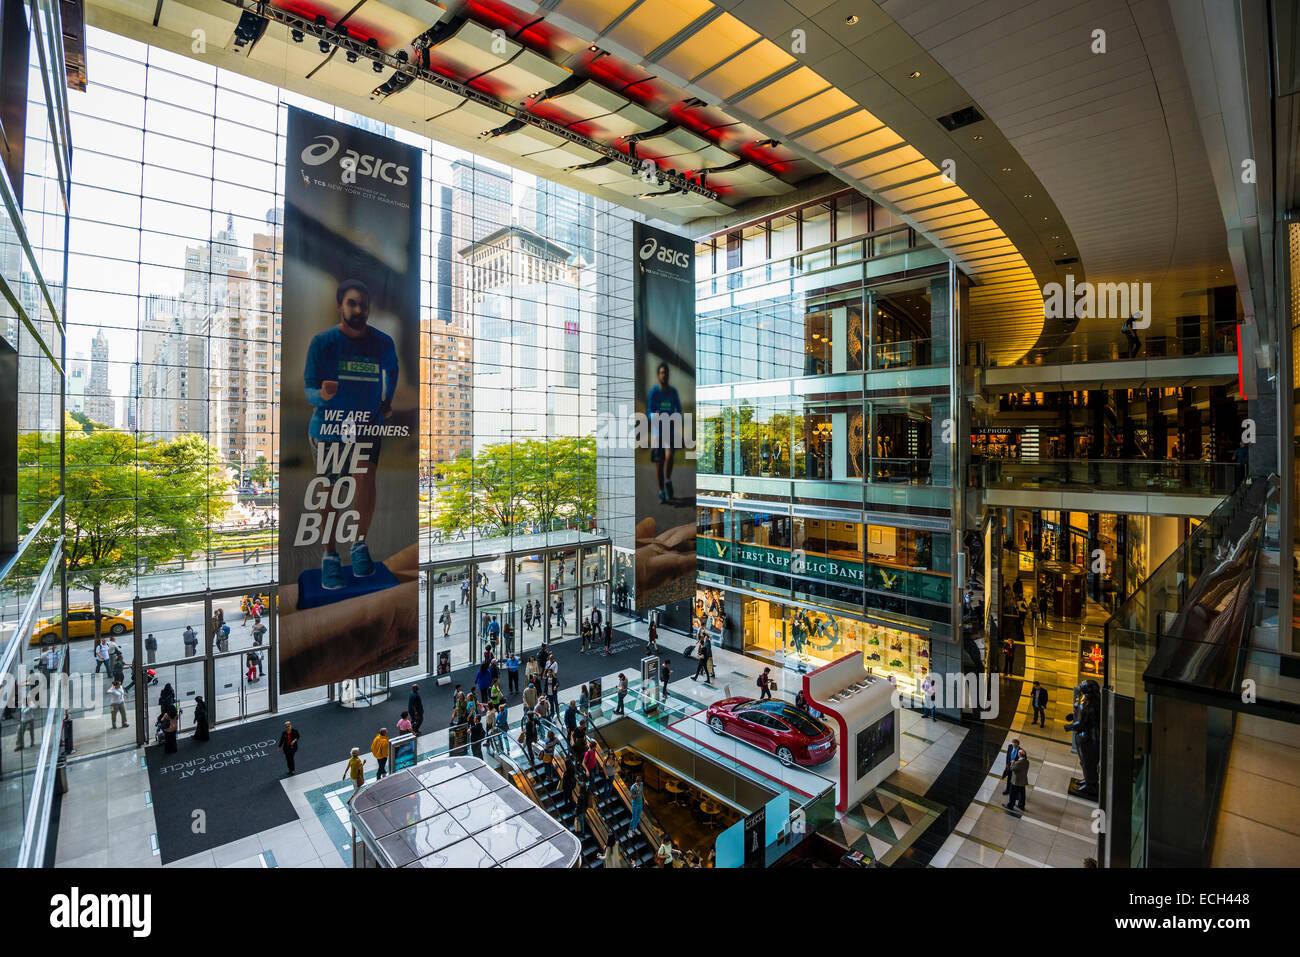 Time Warner Center at Columbus Circle, Manhattan, New York, United States - Stock Image